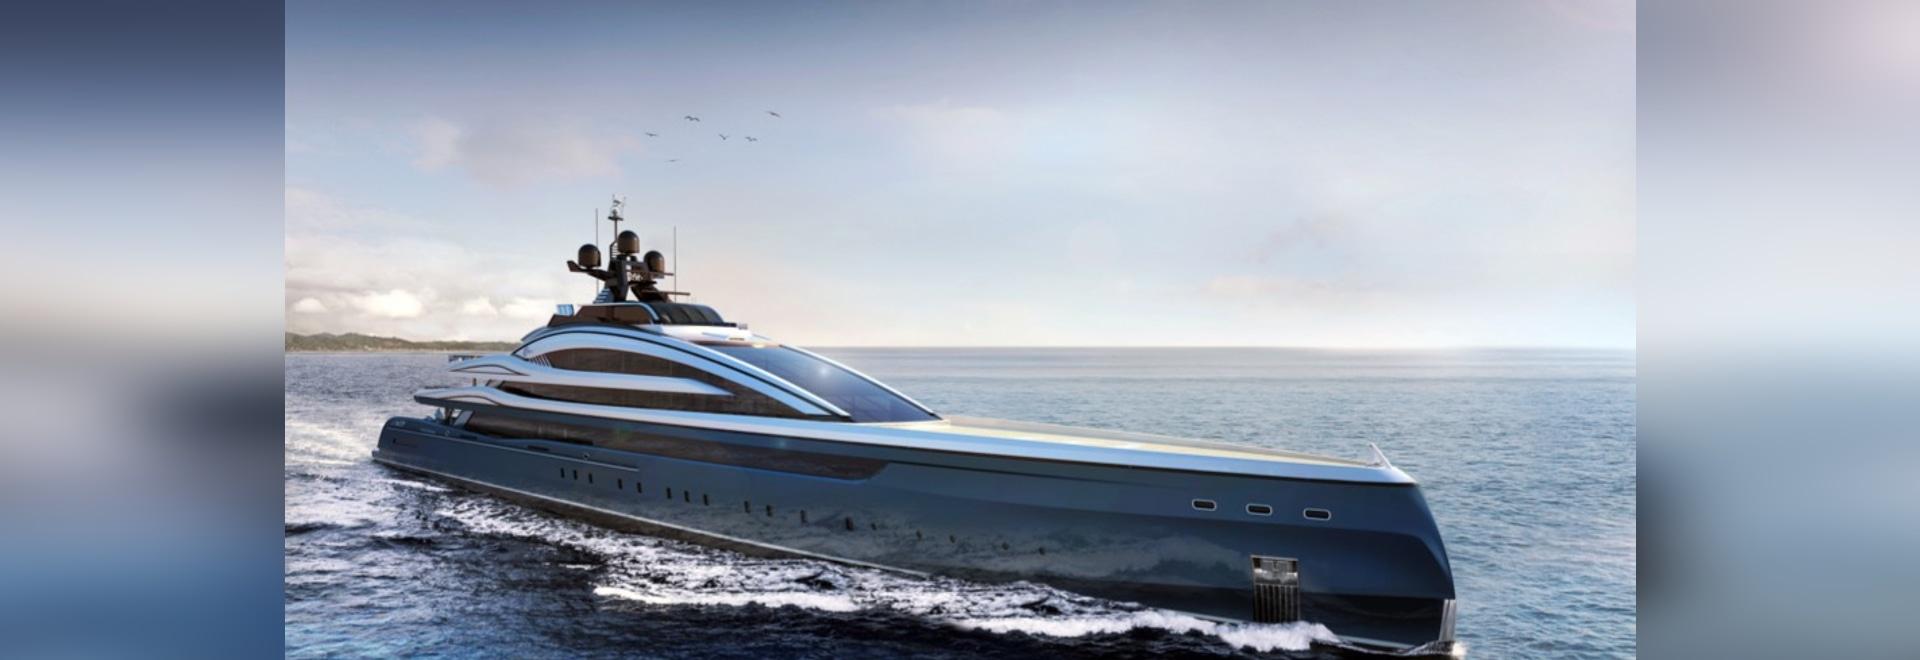 ISA Yachts signe le concept Hydro Tec pour une nouvelle ligne